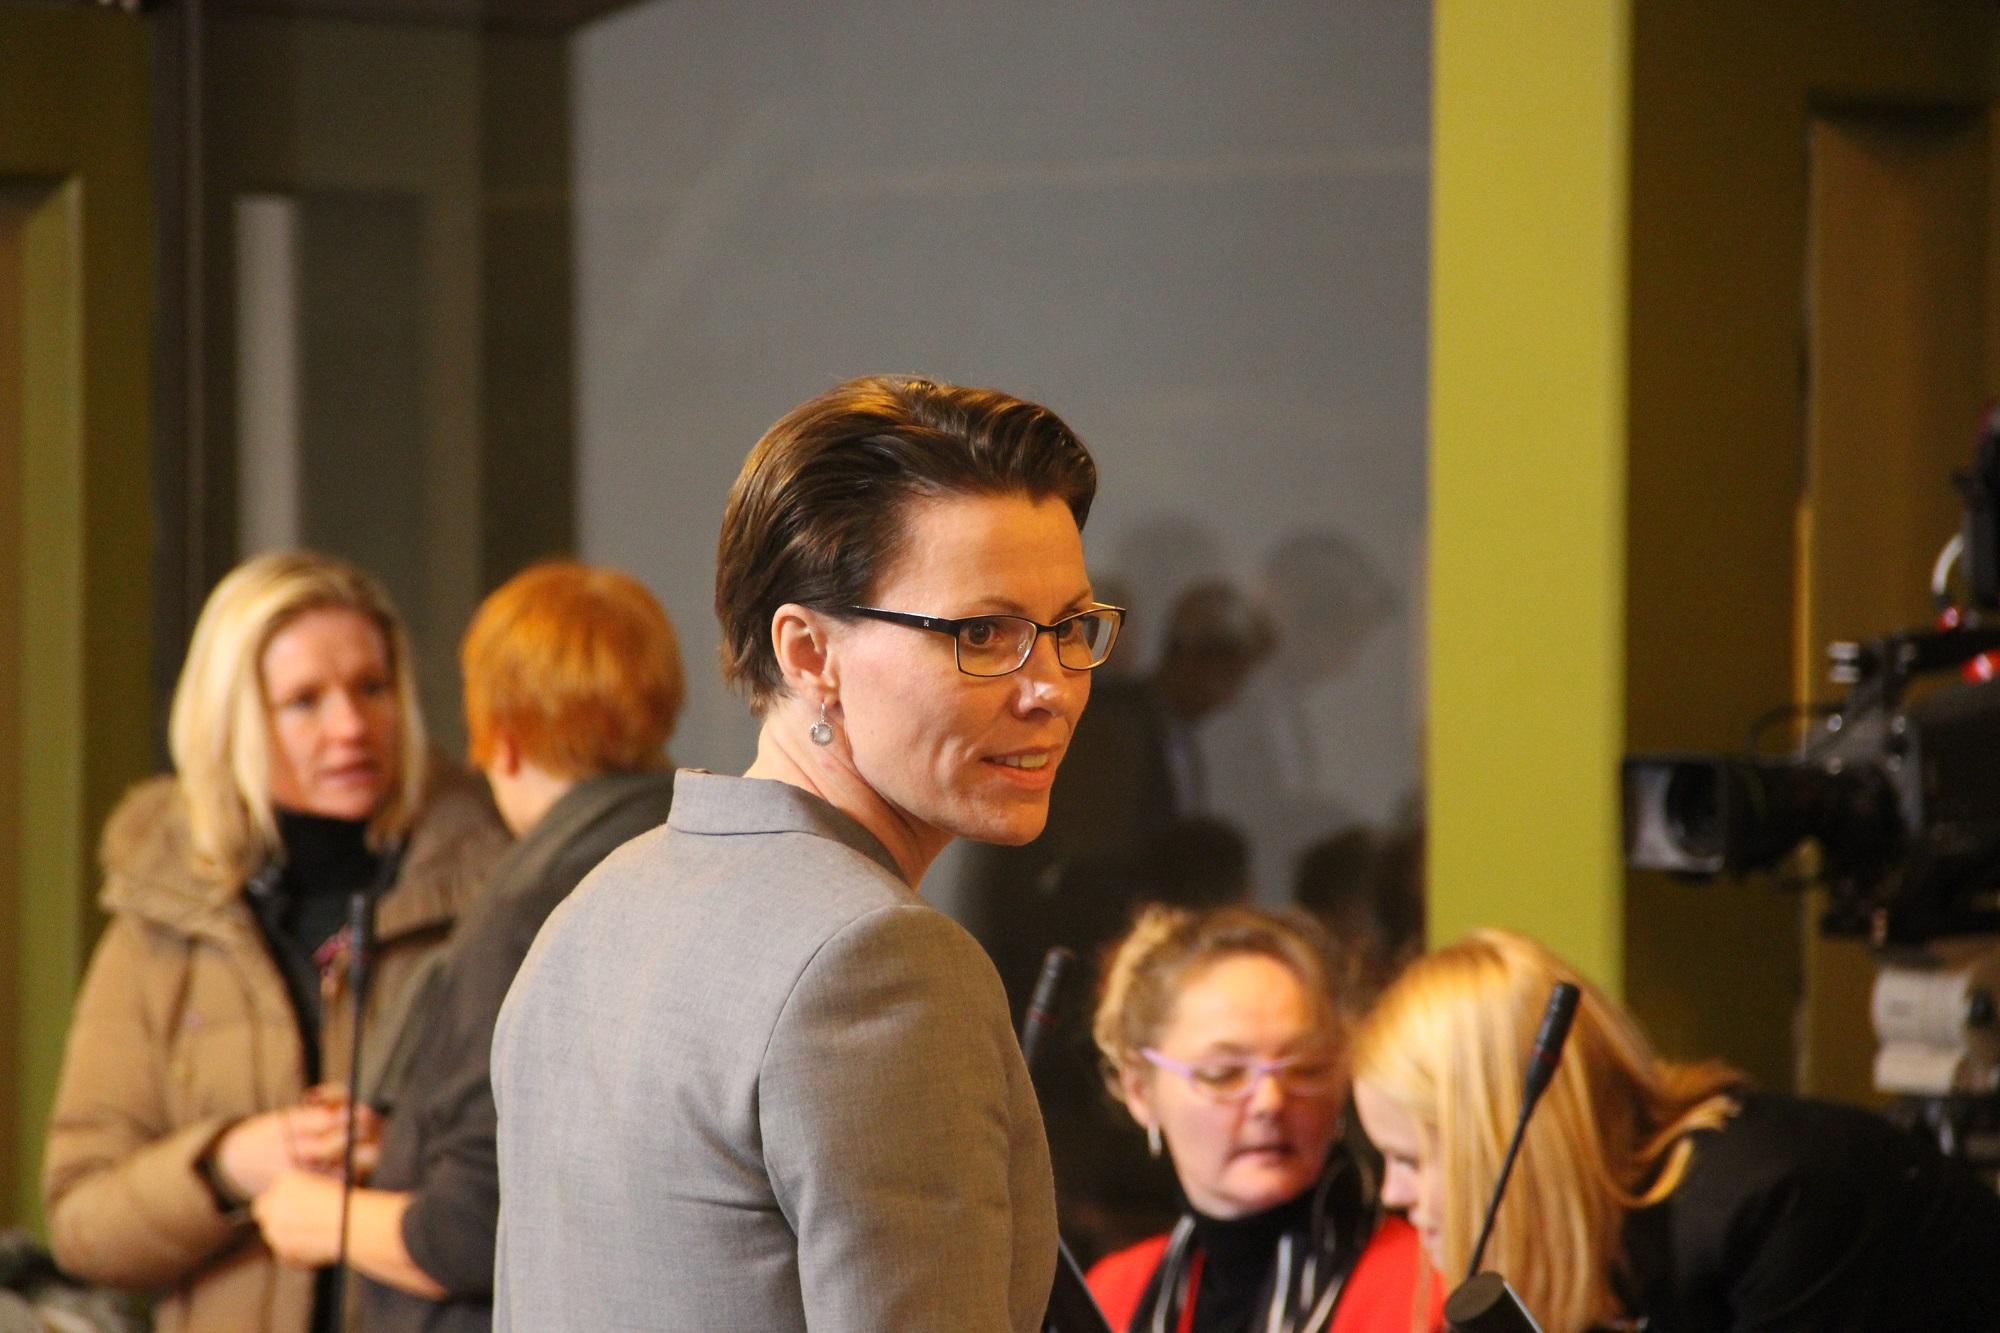 Borgmester Winni Grosbøll (S), Bornholm